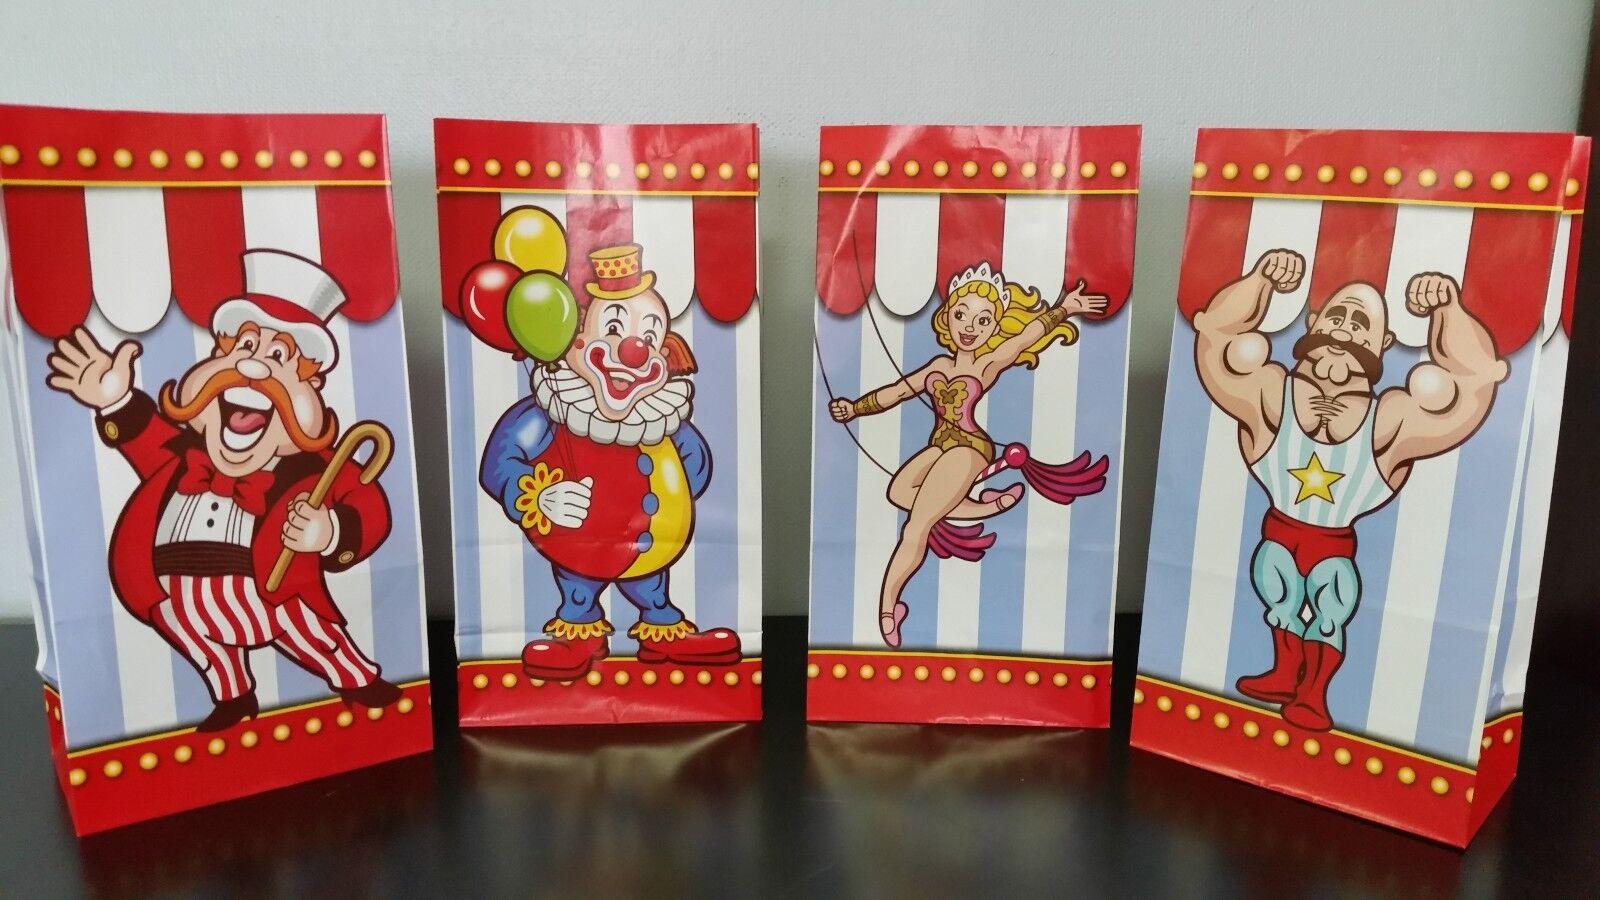 288-Big Top Circus Party Papier Sacs Cadeau-Anniversaire Carnaval faveur traiter tente